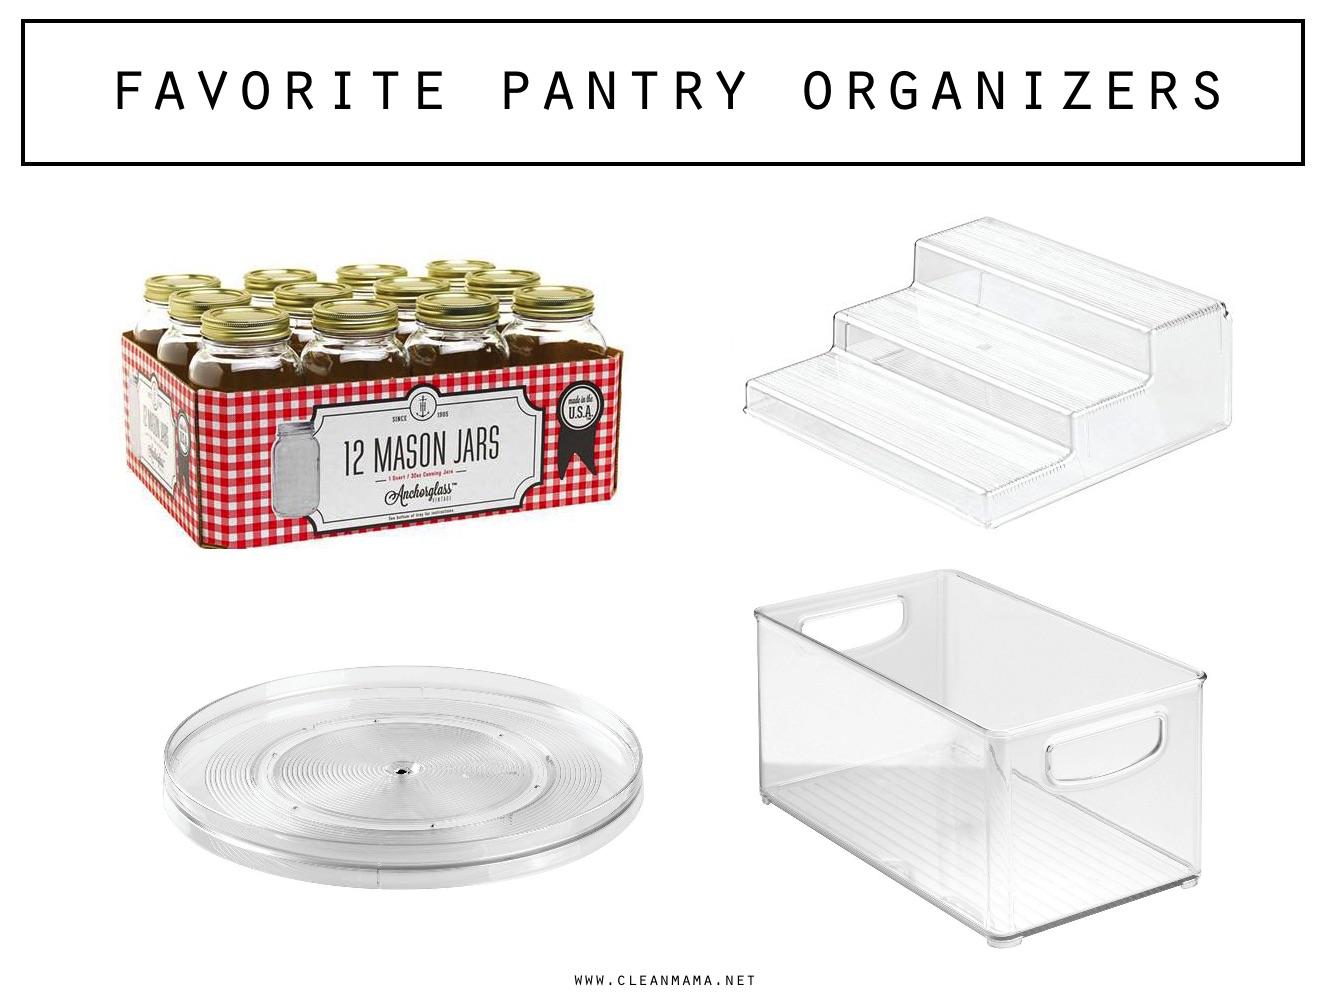 favorite-pantry-organizers-clean-mama